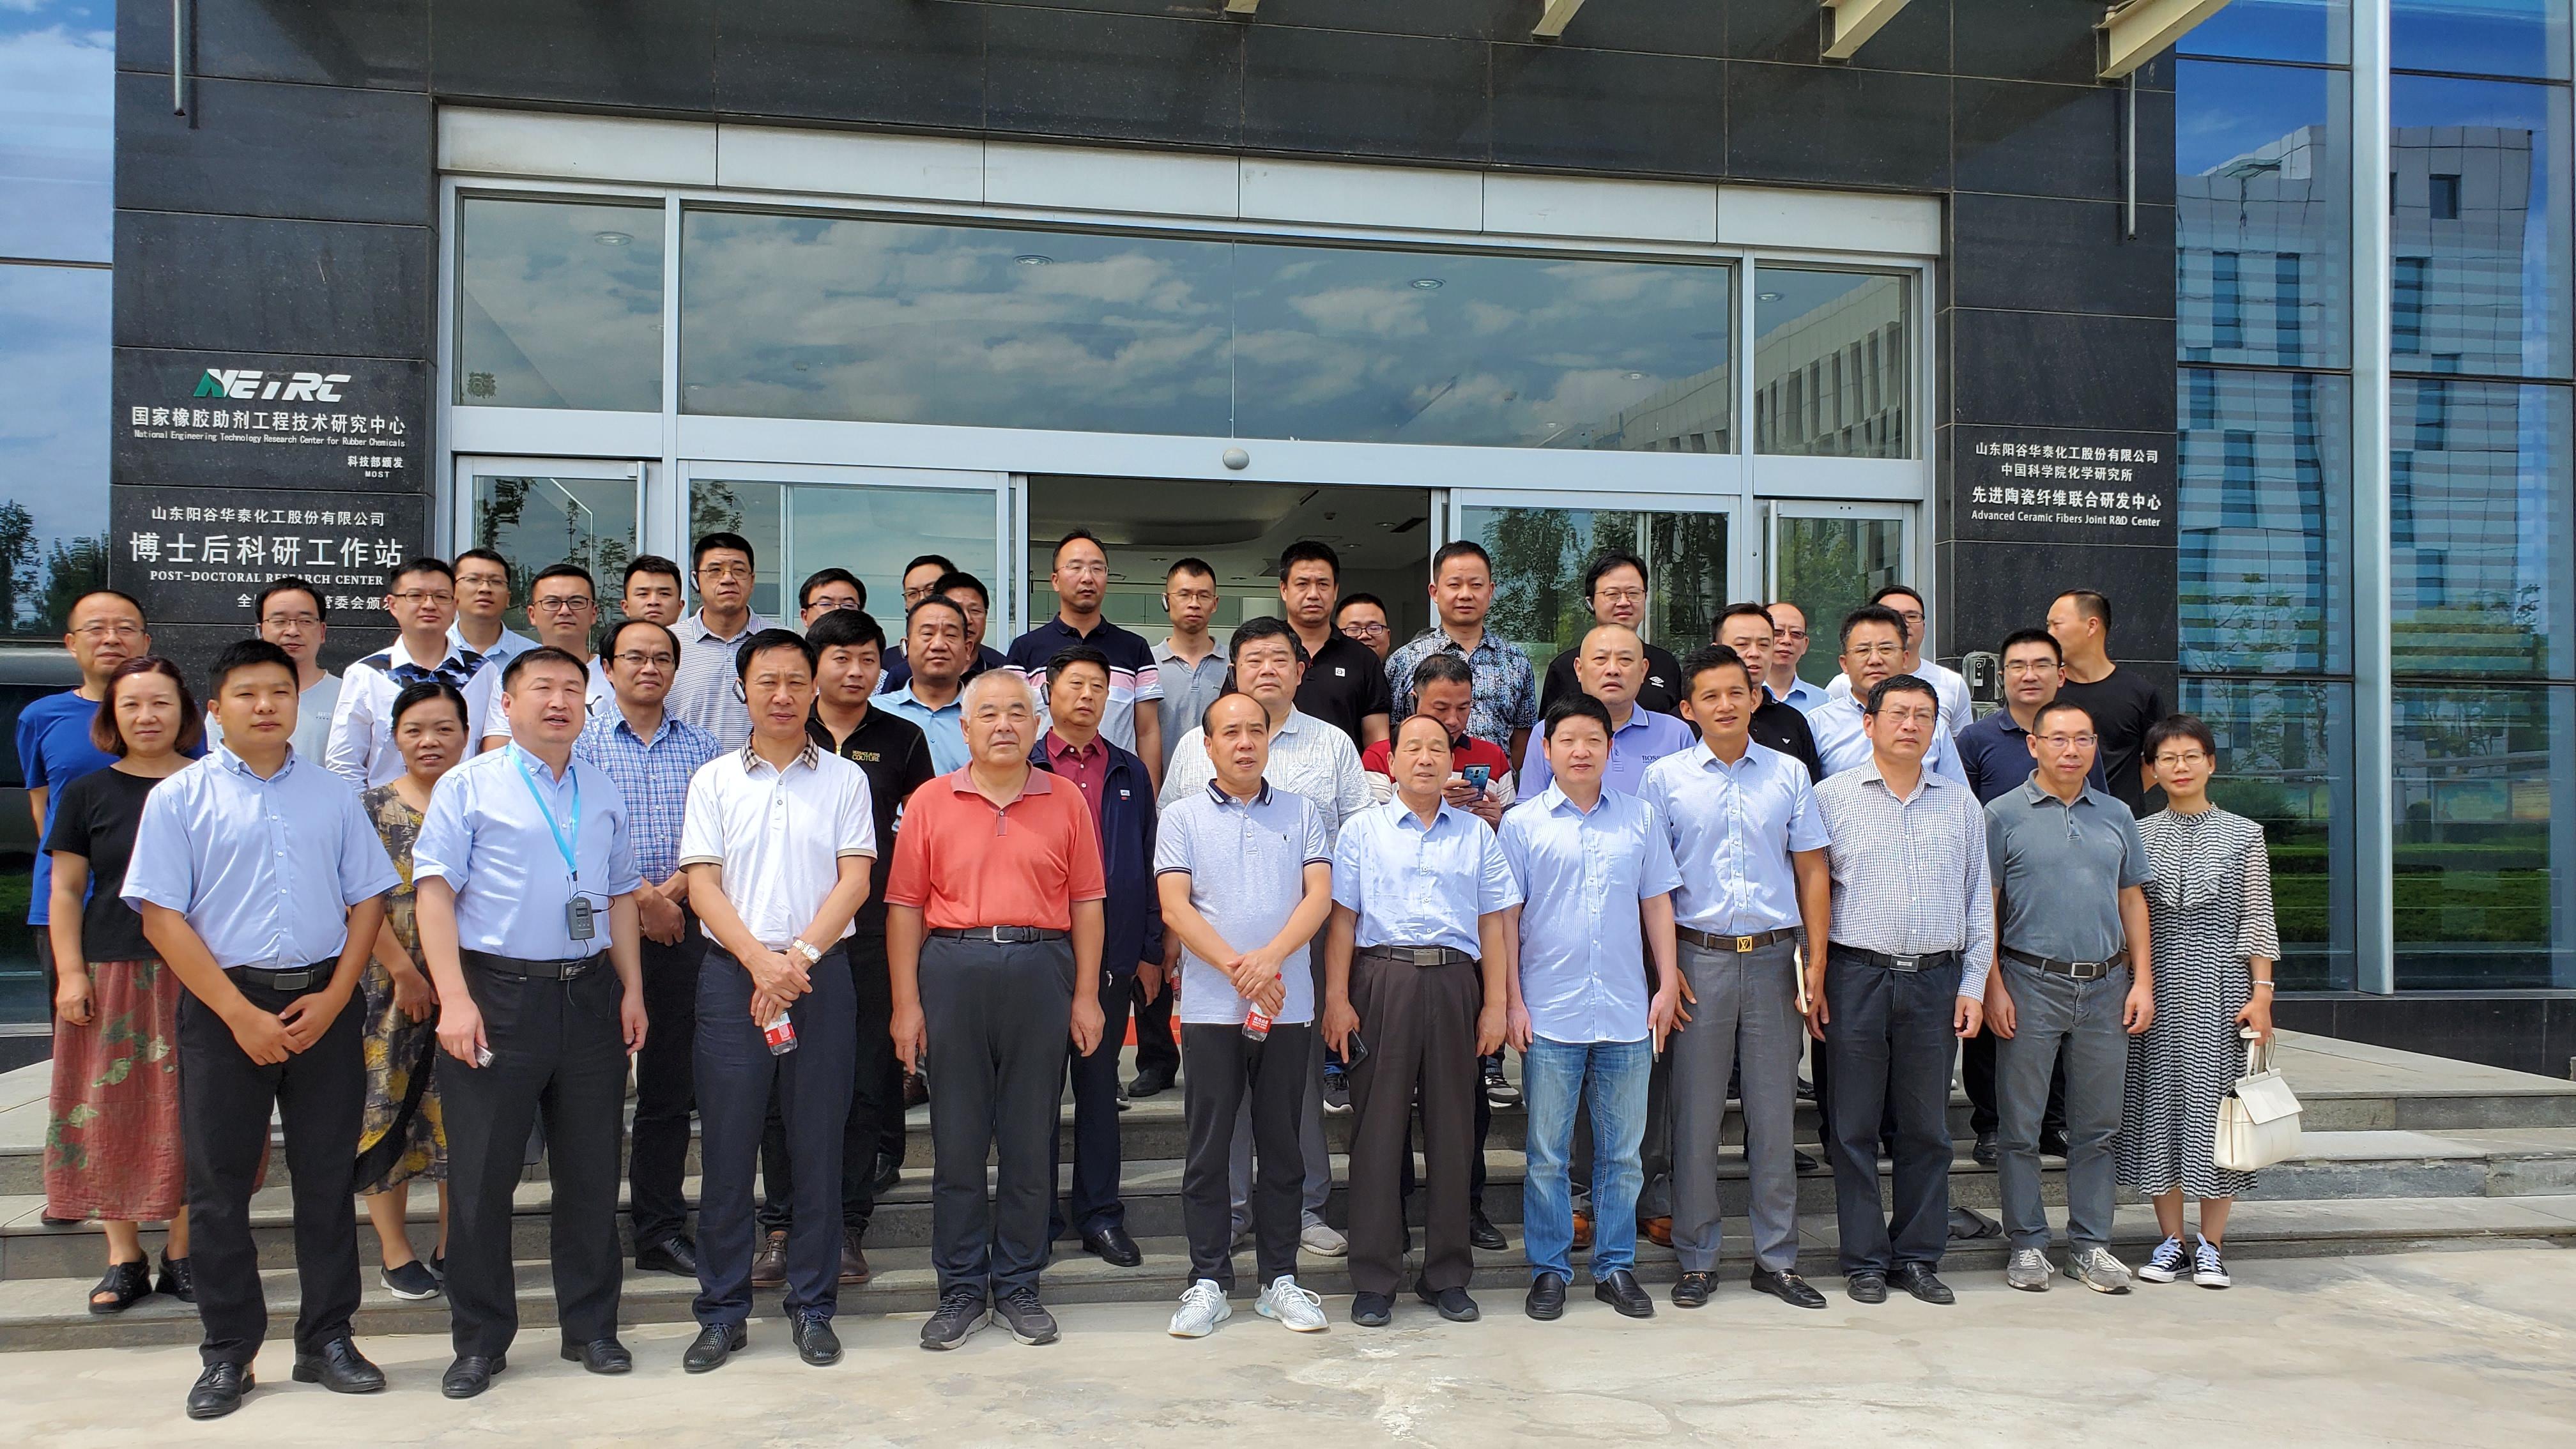 中國橡膠工業協會橡膠助劑專業委員會第九屆八次理事會暨專家組擴大會議在陽谷召開